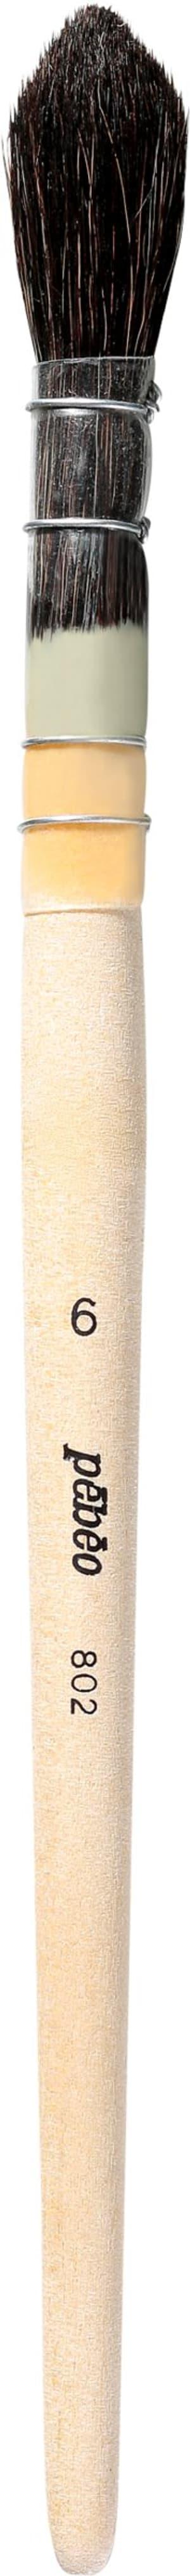 Pinsel Nr. 6 gemischtes Fehhaar